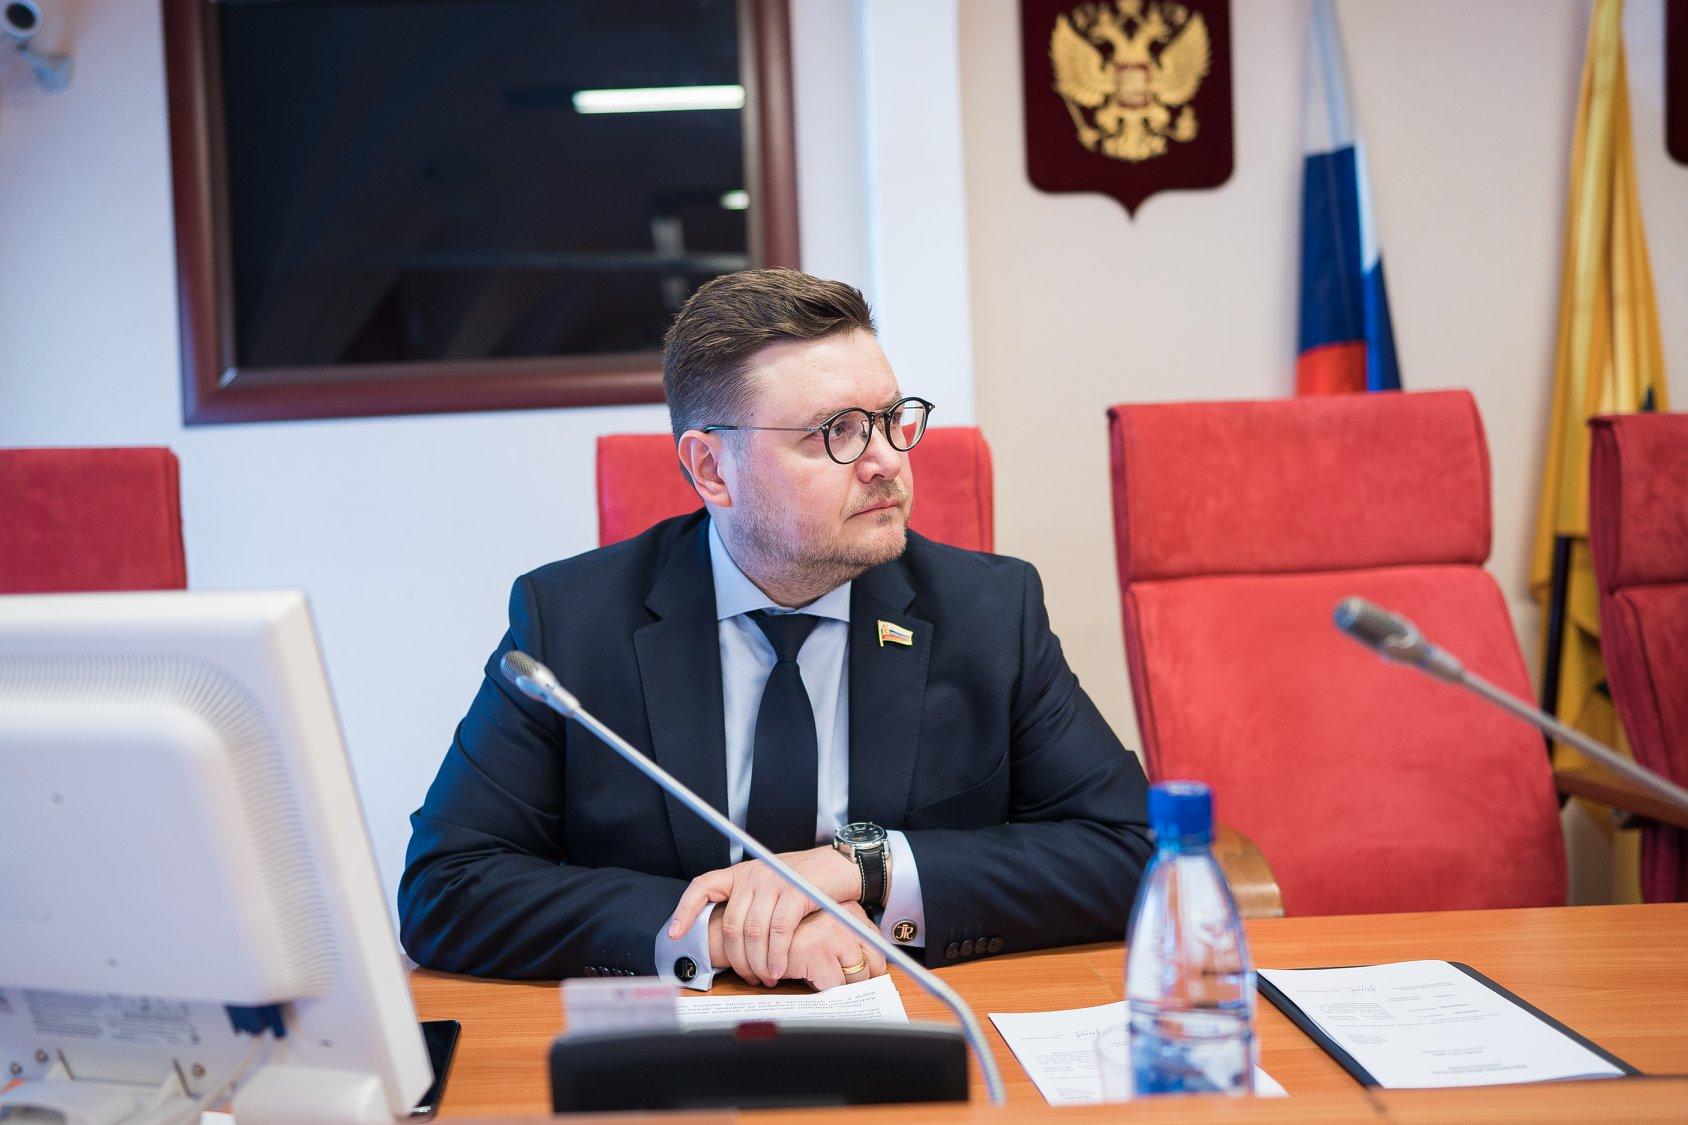 Роман Фомичев: президент озвучил важные предложения по стимулированию инвестиционной деятельности